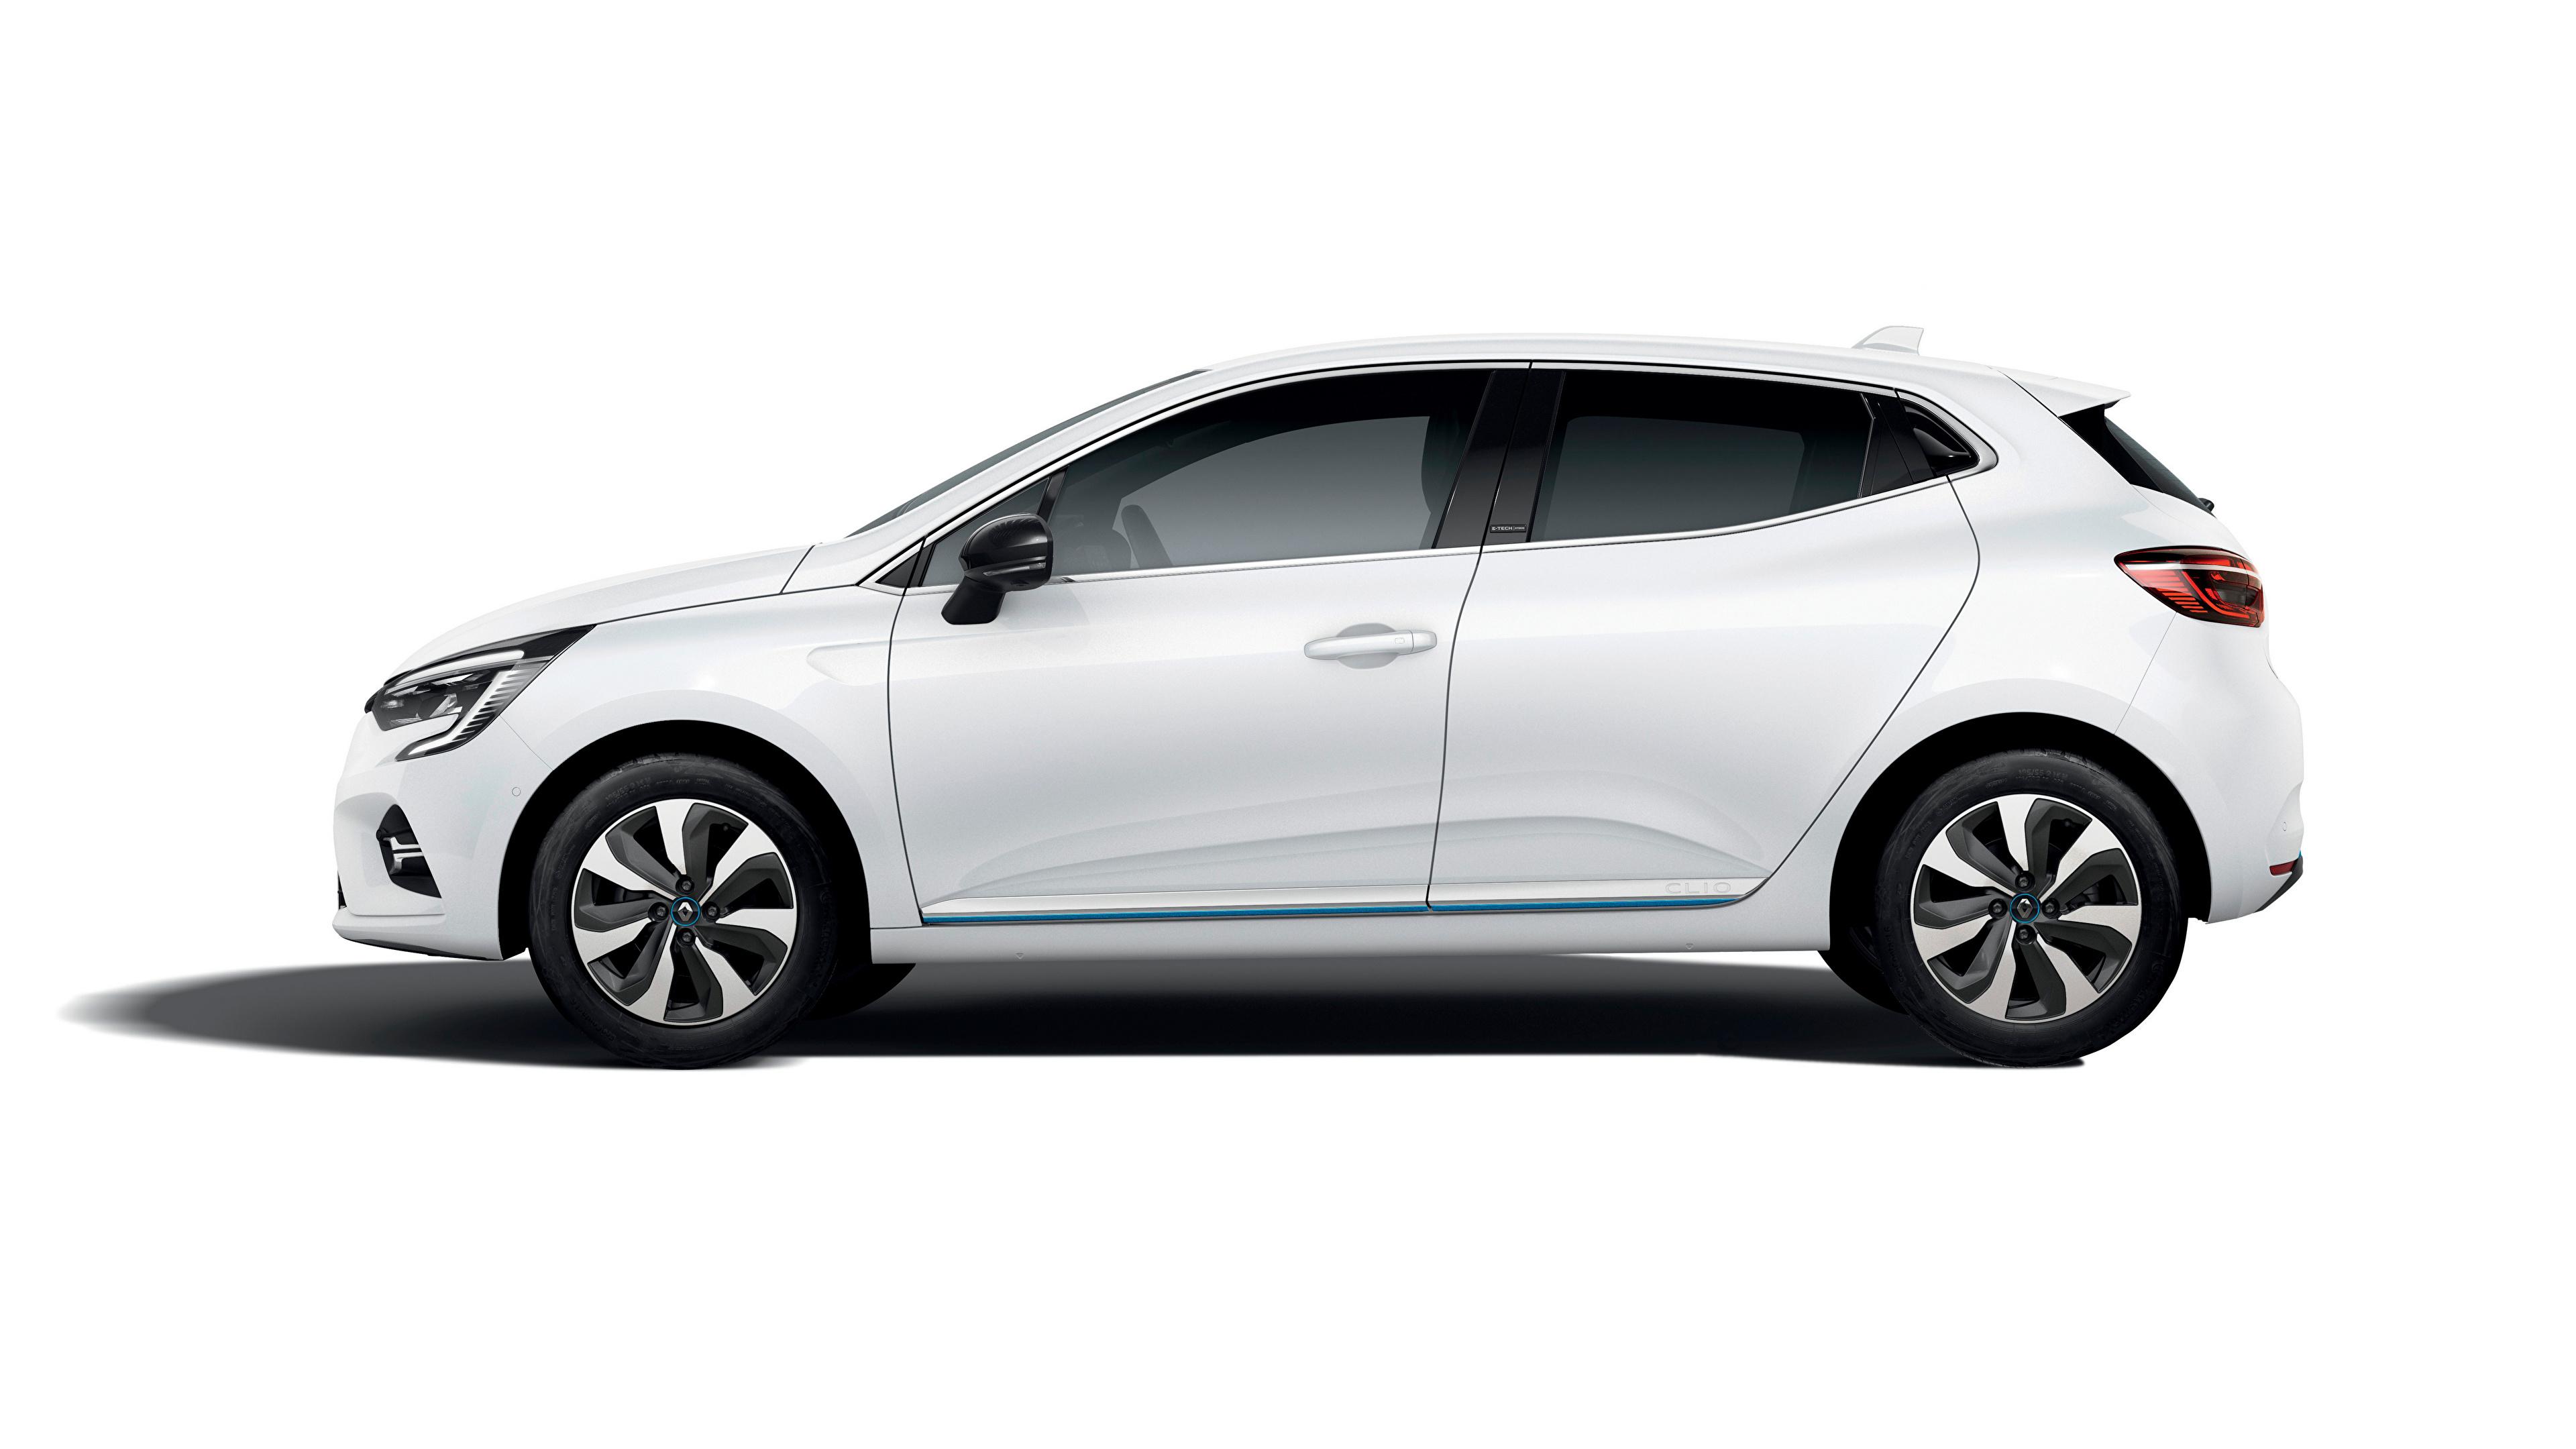 Papeis De Parede 3840x2160 Renault Clio E Tech 2020 Branco Metalico Lateralmente Carros Baixar Imagens